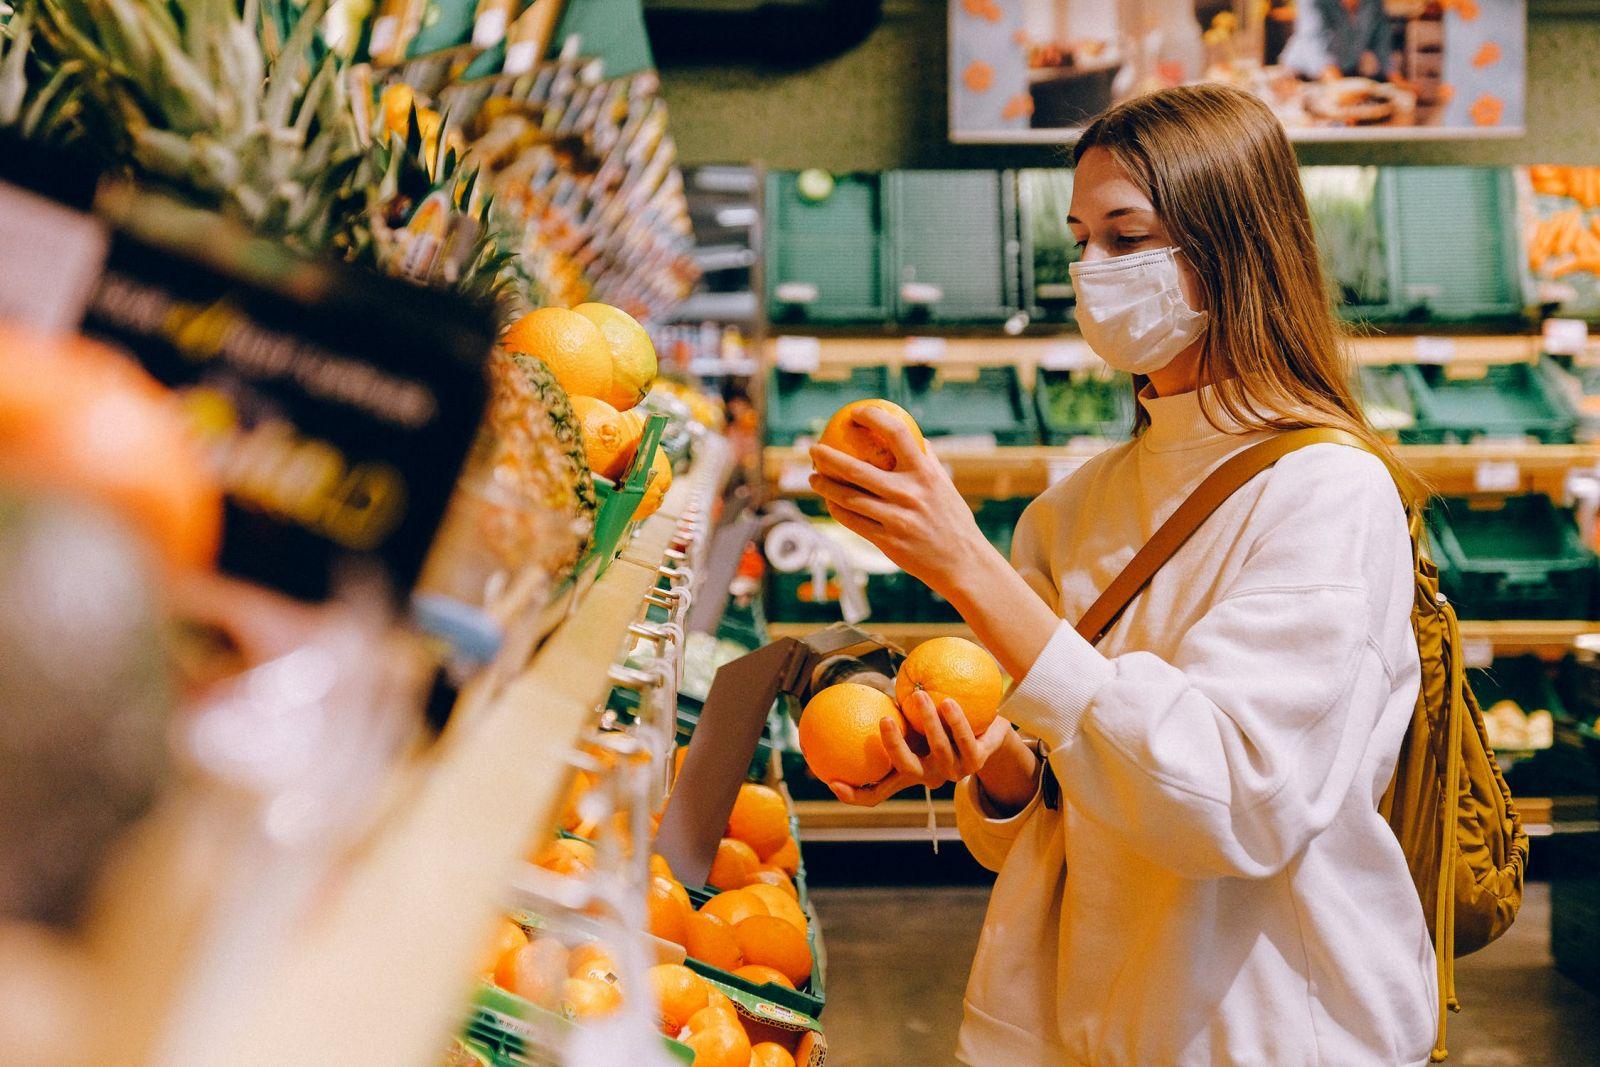 Za veľkonočný nákup zaplatíme tento rok viac ako vlani, zdraželi aj vajcia a bravčové mäso